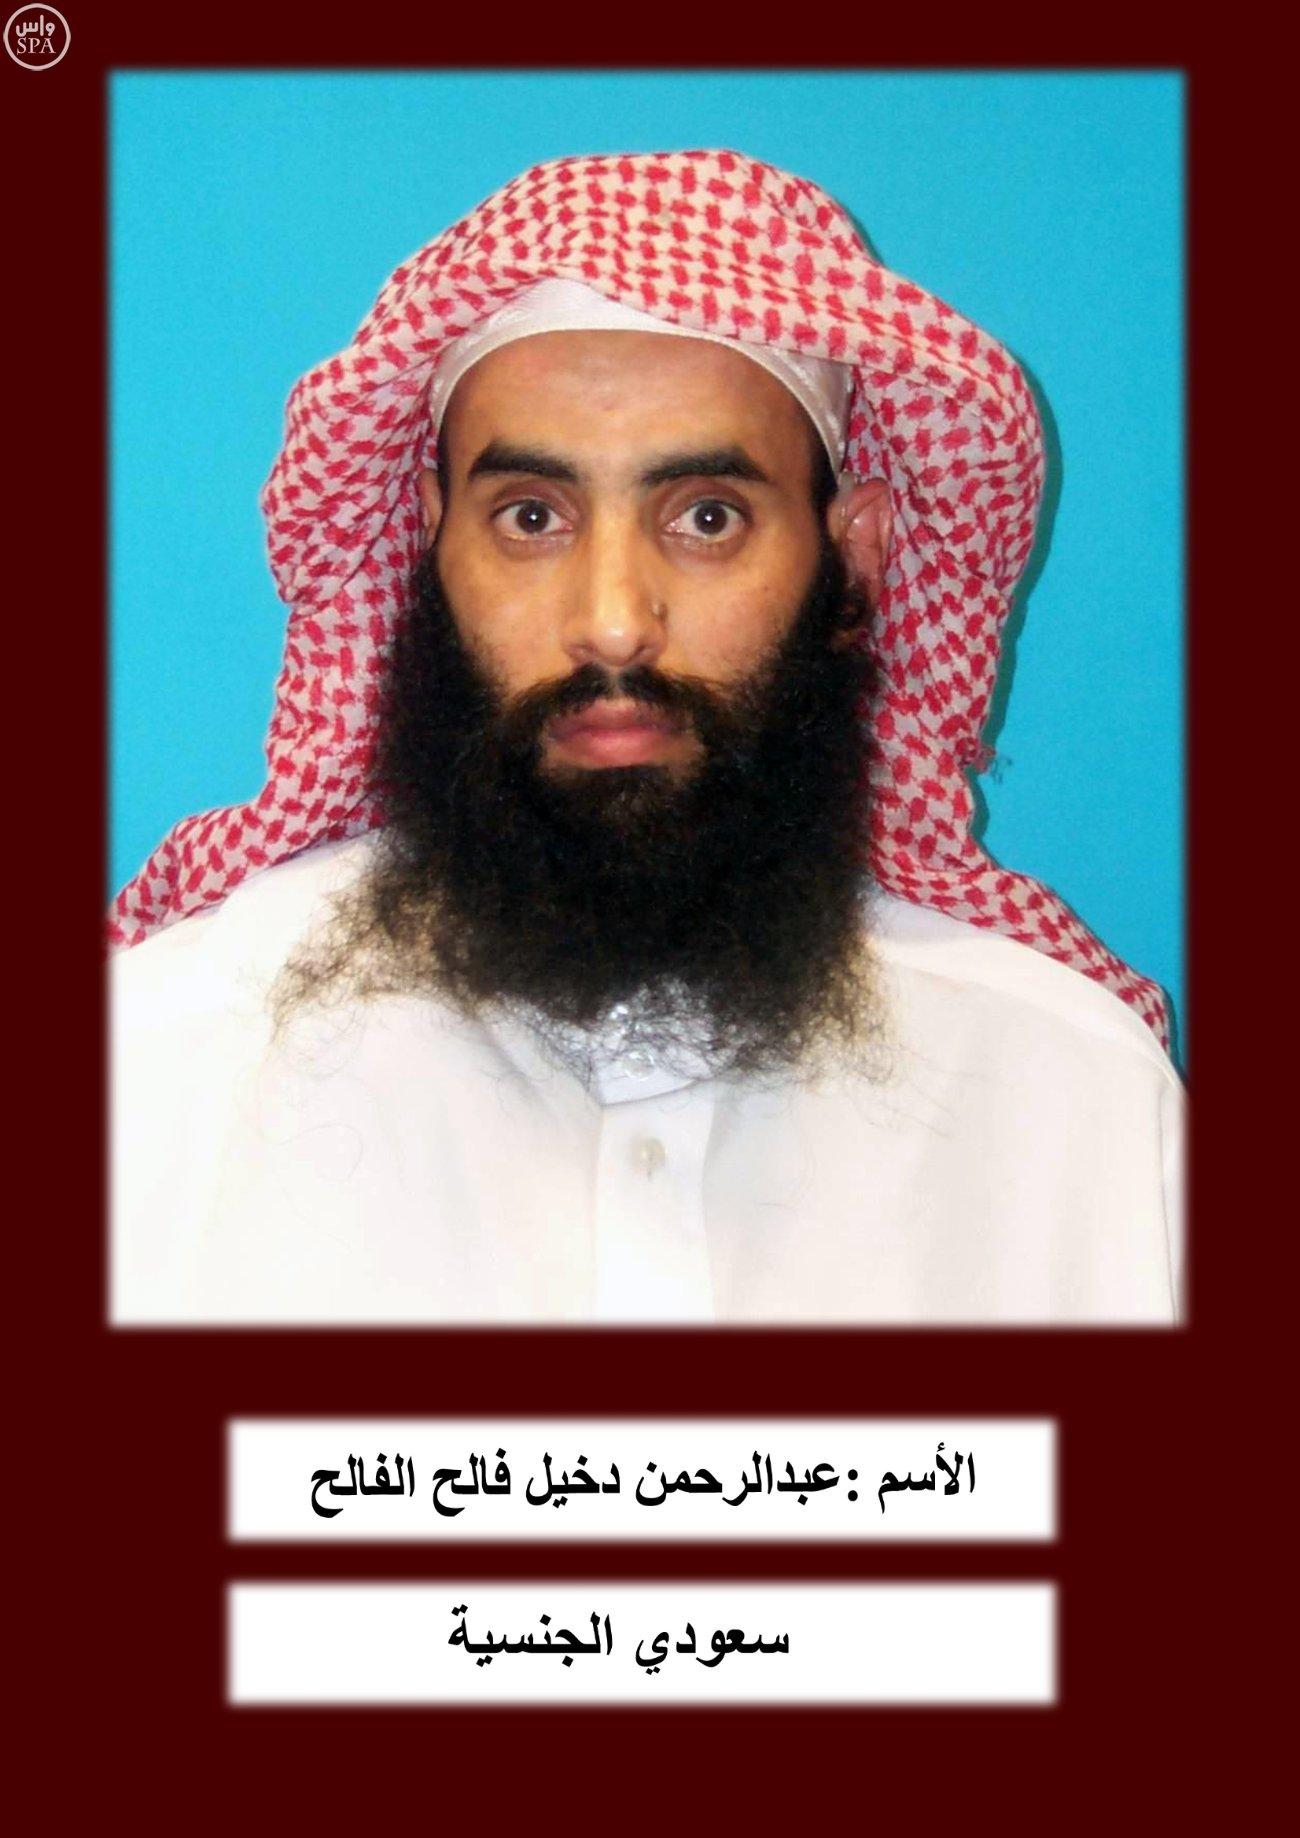 ارهابيين (5)